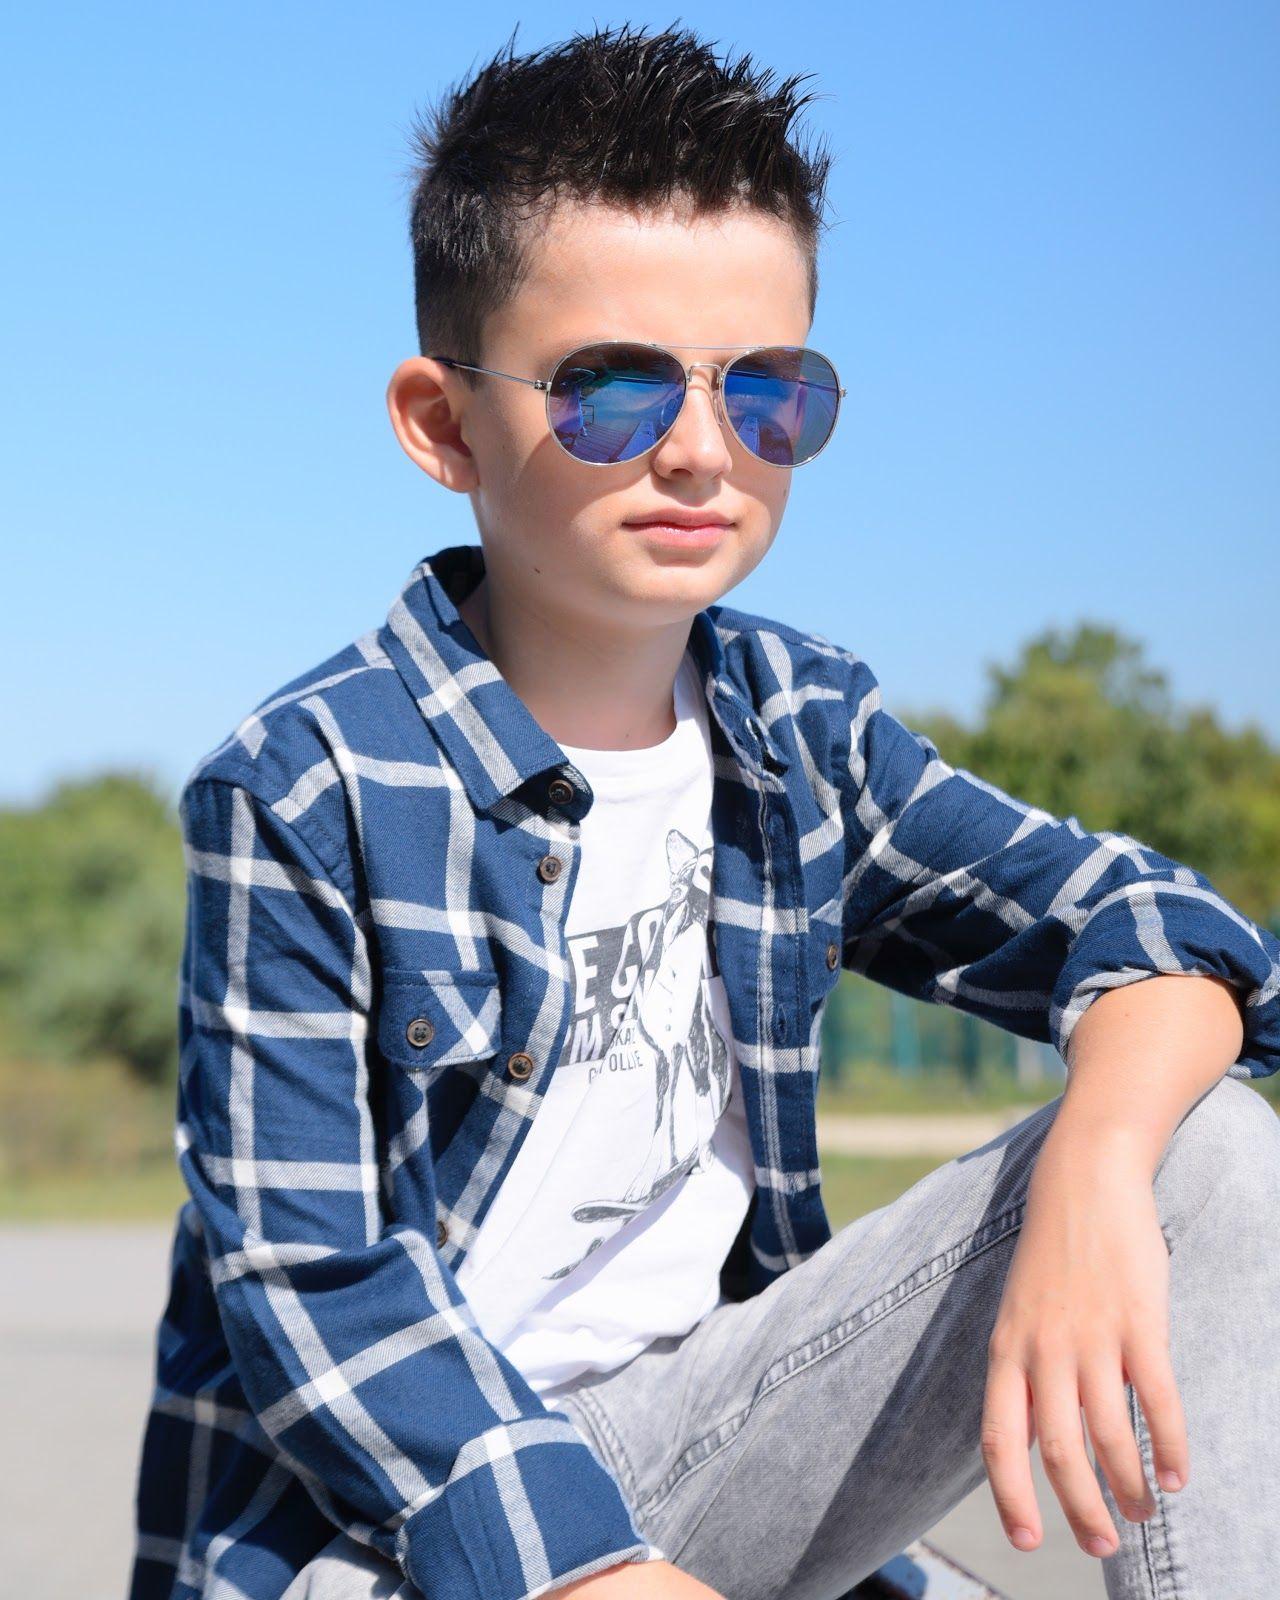 back to school  cooler look für coole jungs und ein neuer